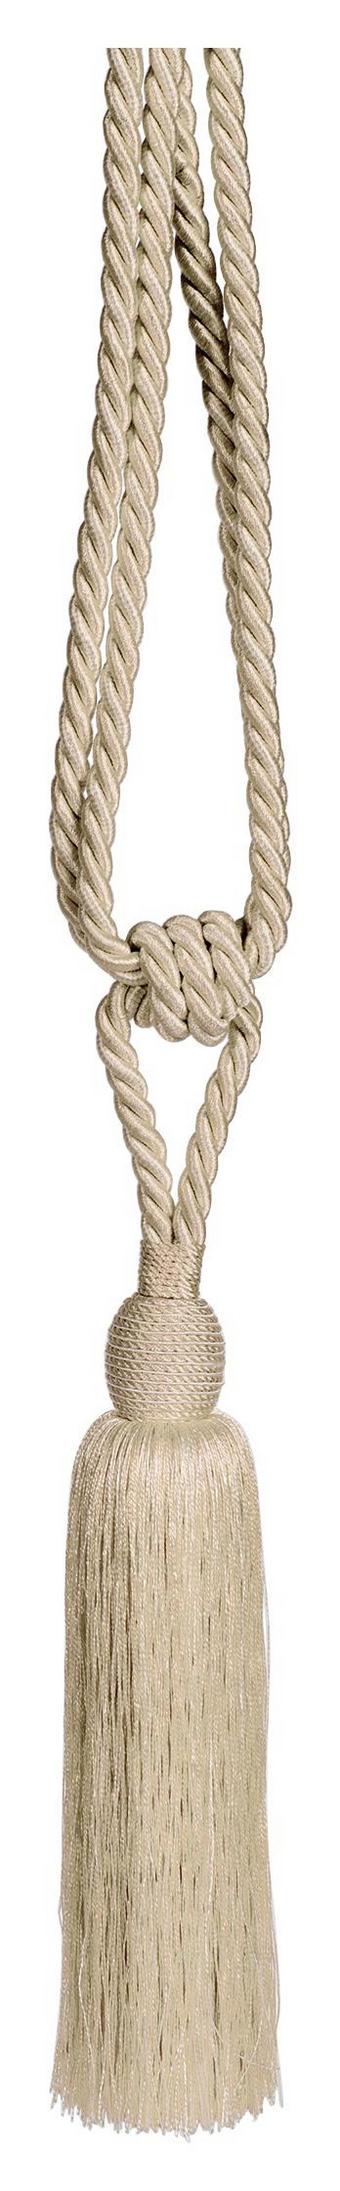 PRIVEZ ZA ZAVESO LUCY - naravna, Konvencionalno, tekstil (70cm) - Boxxx